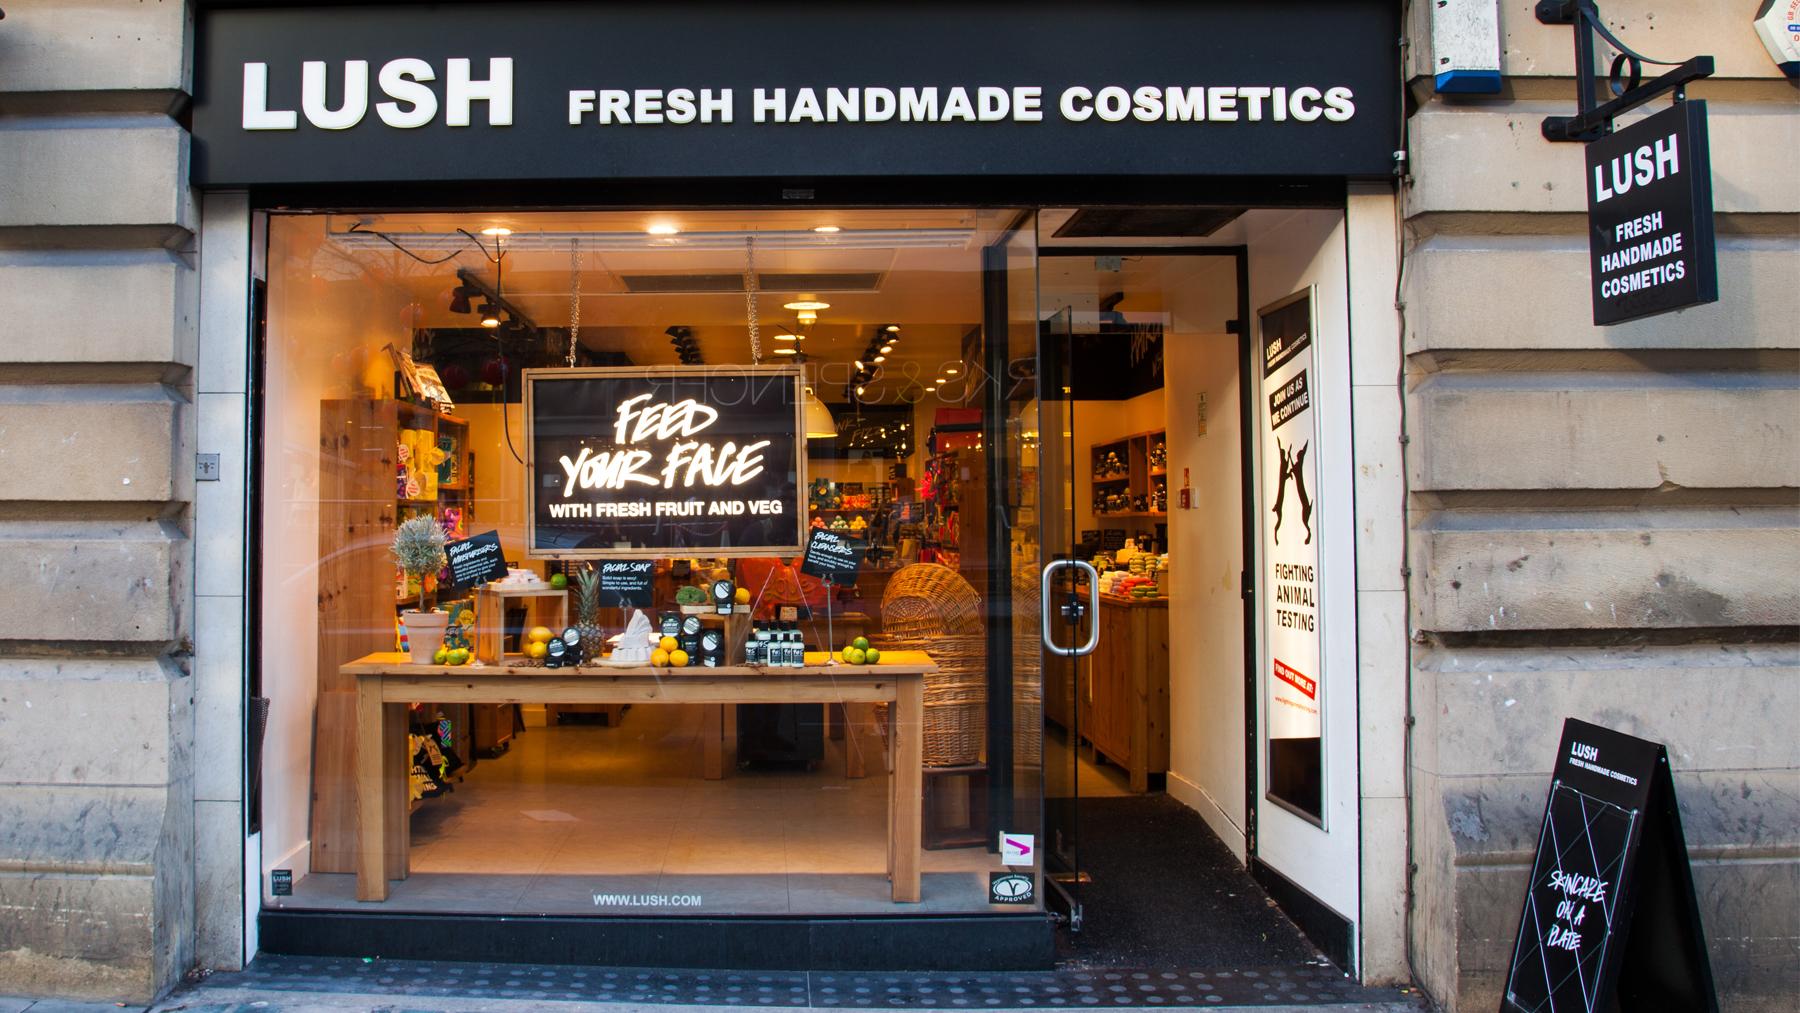 Fresh Handmade Cosmetics Uk